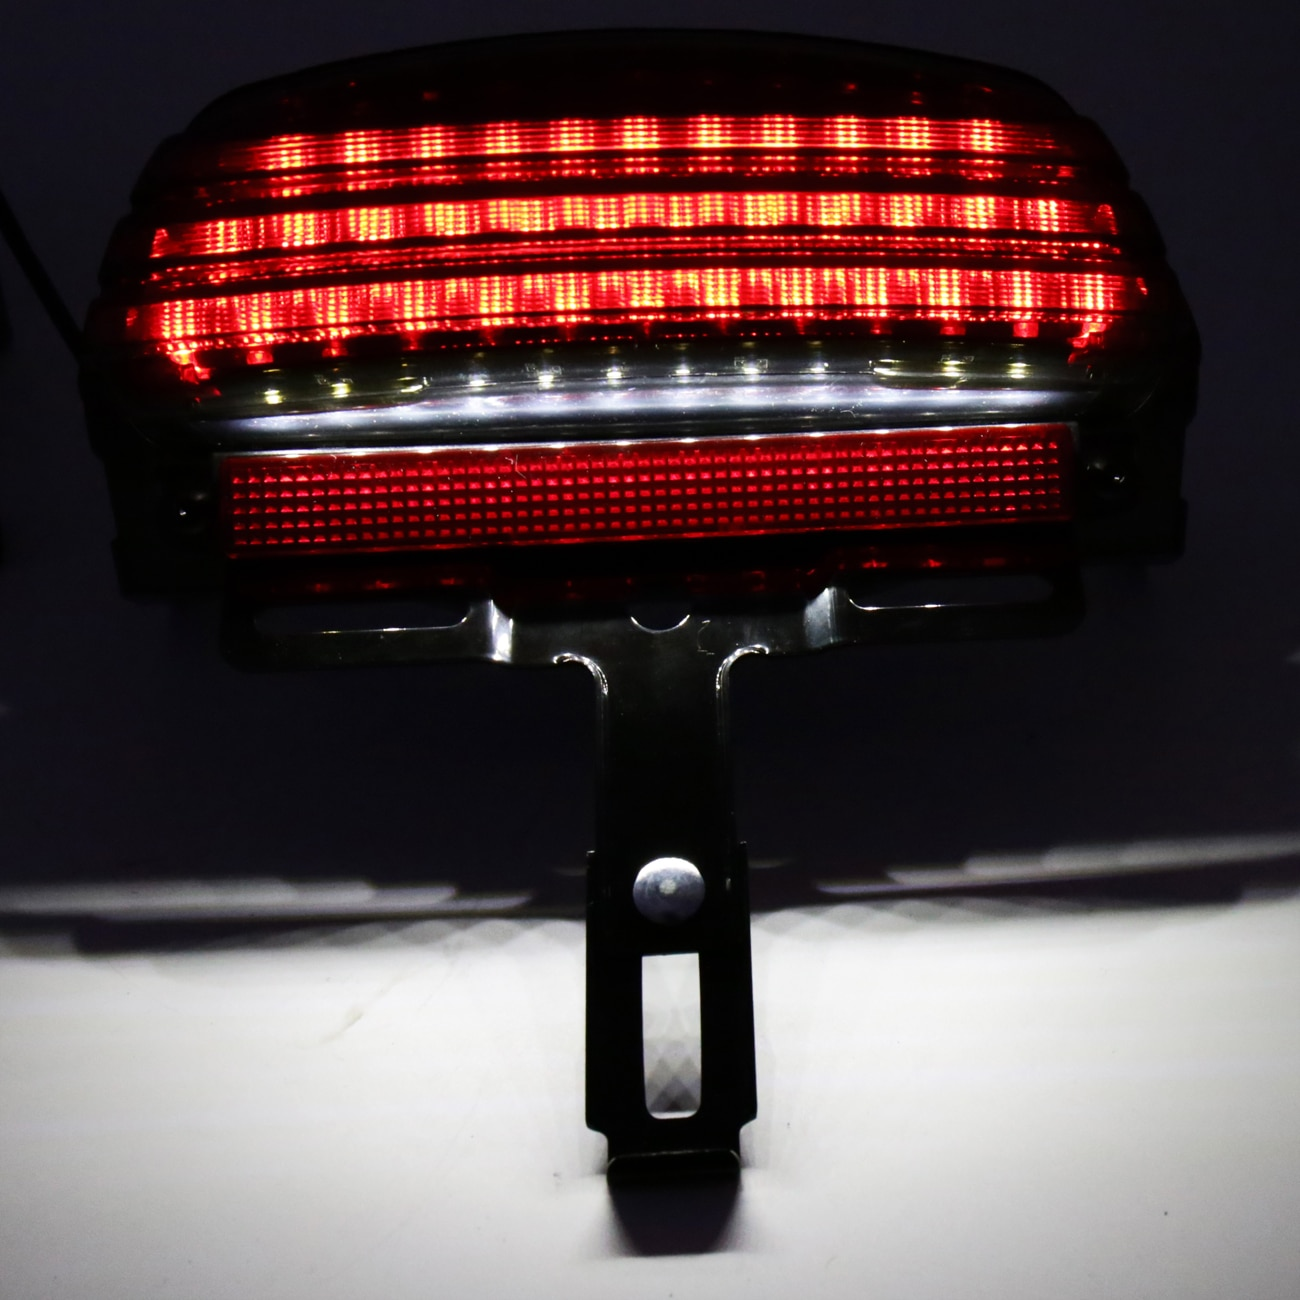 المدخن ثلاثي شريط درابزين LED الذيل ضوء الفرامل صالح ل هارلي سوفتيل 2006-2015 FXST FXSTB FXSTC نماذج